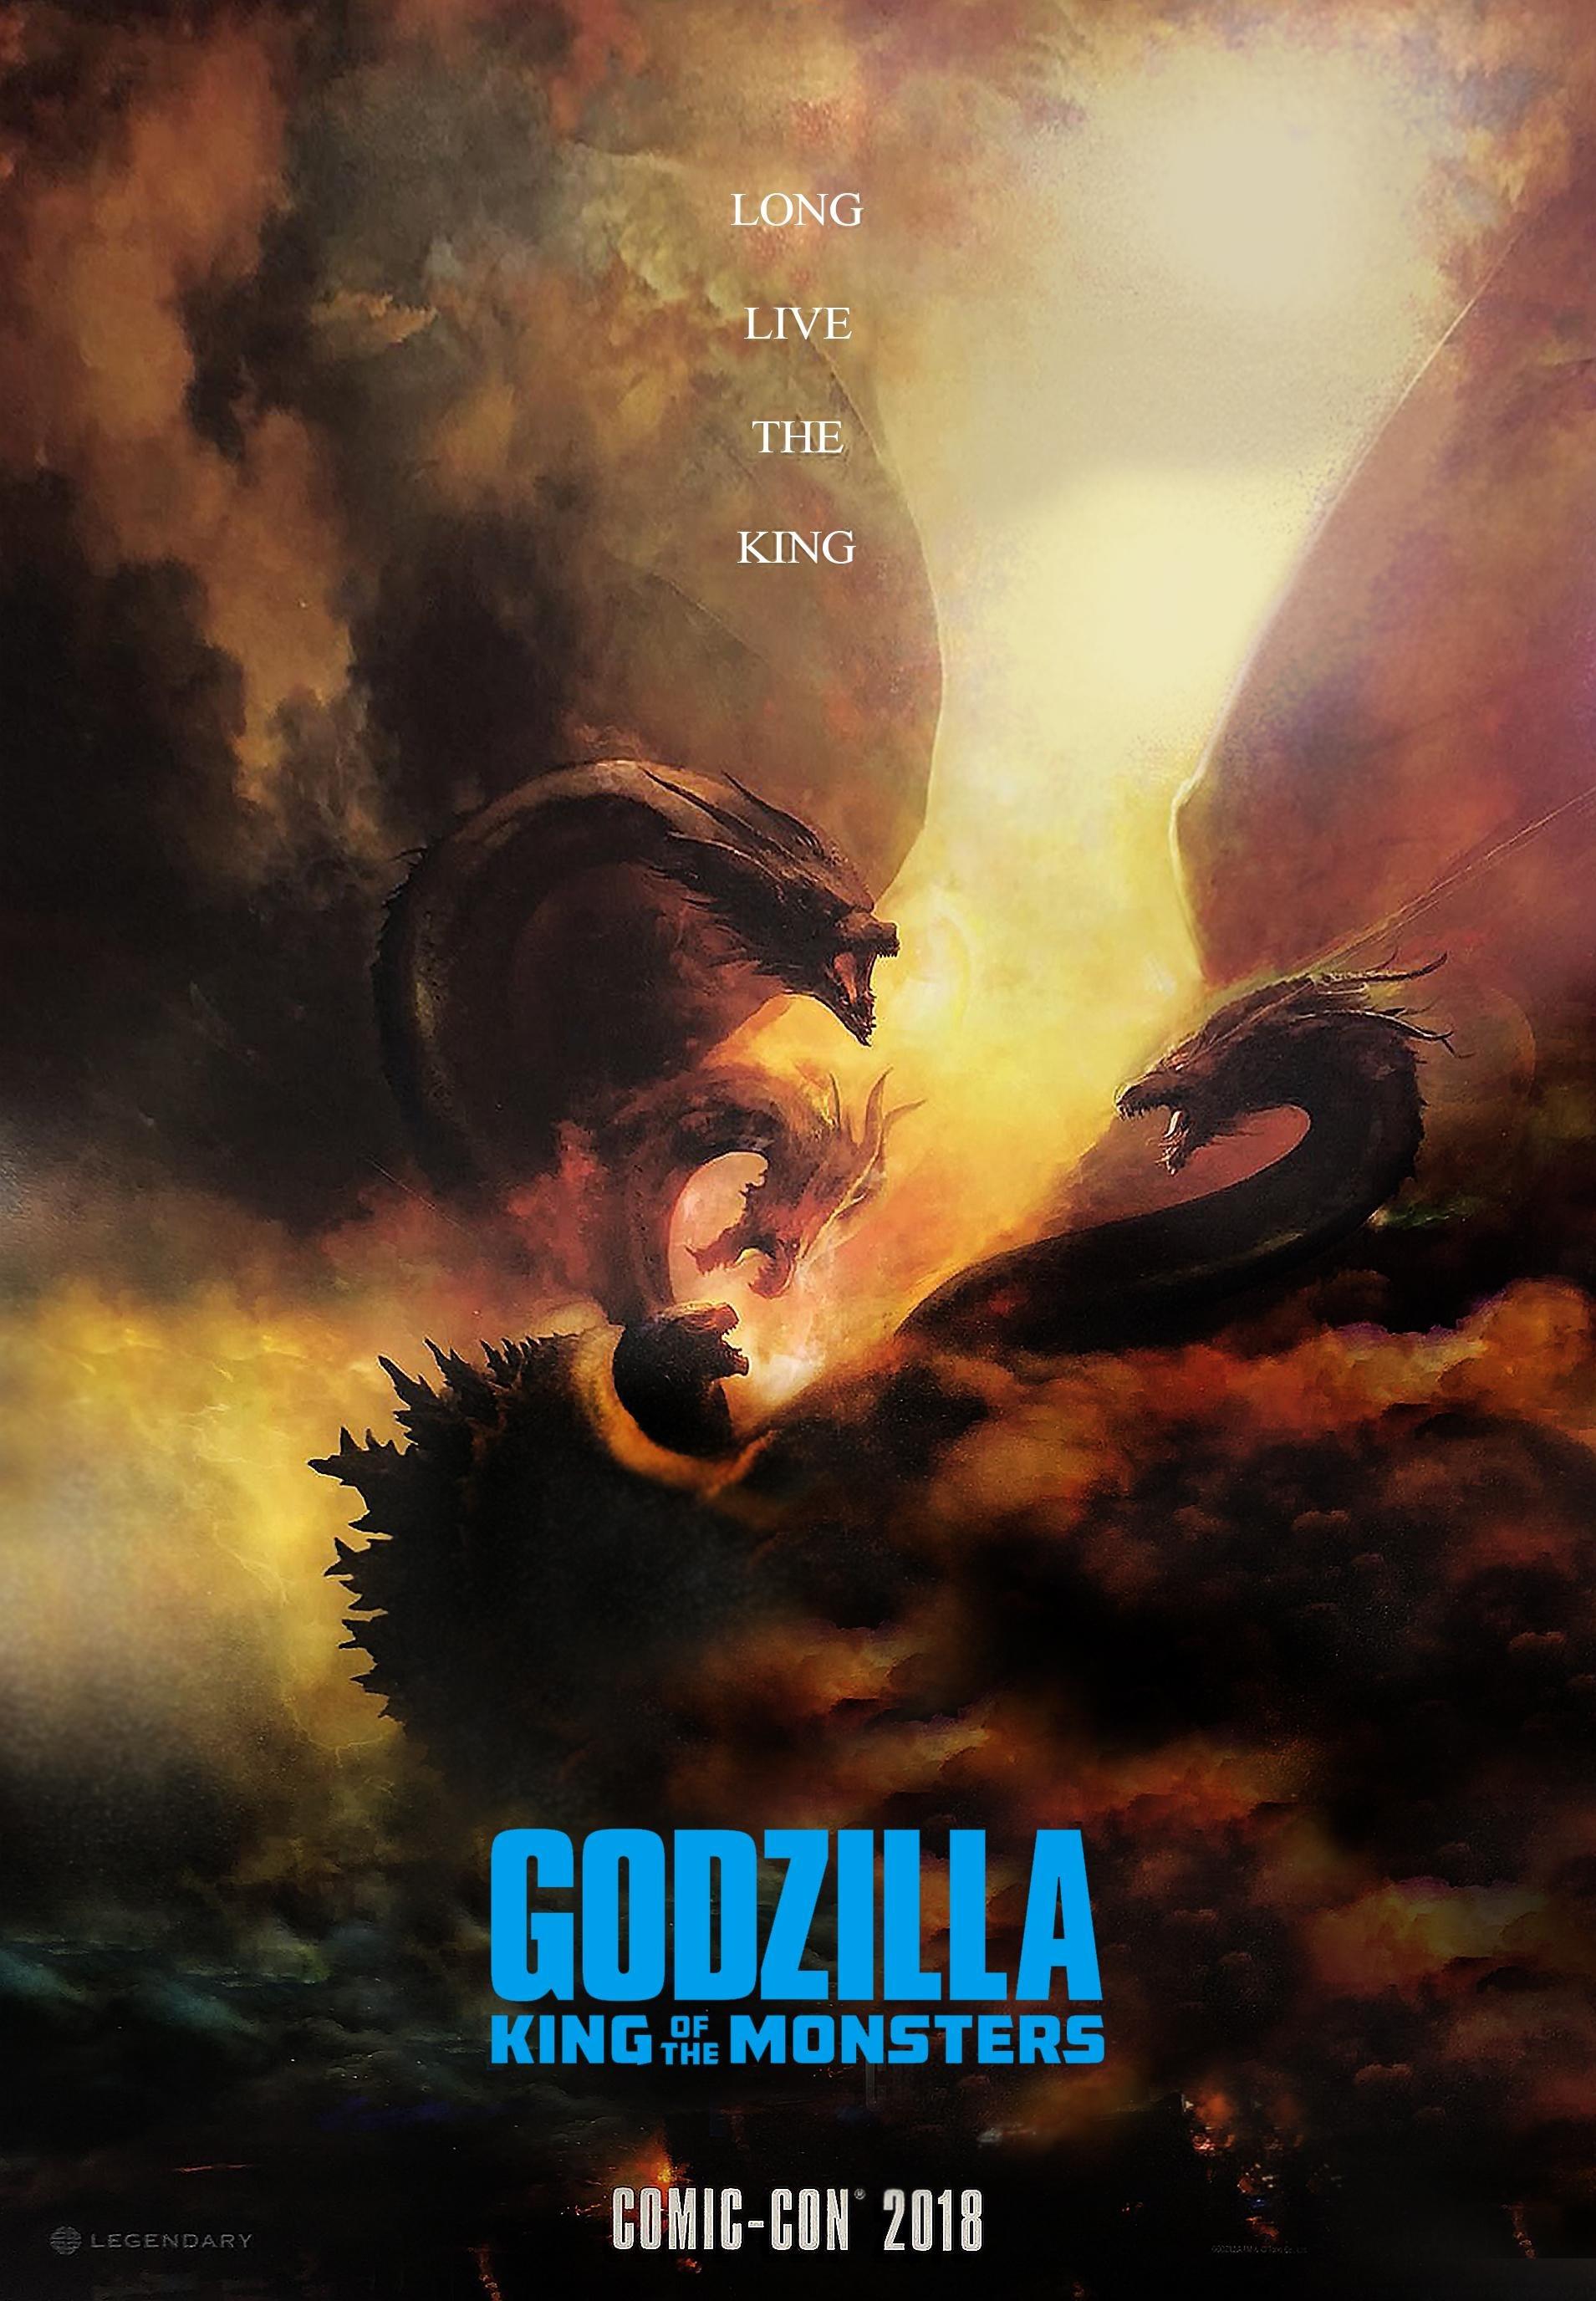 《哥斯拉2》被定PG-13级 含少量暴力破坏场面